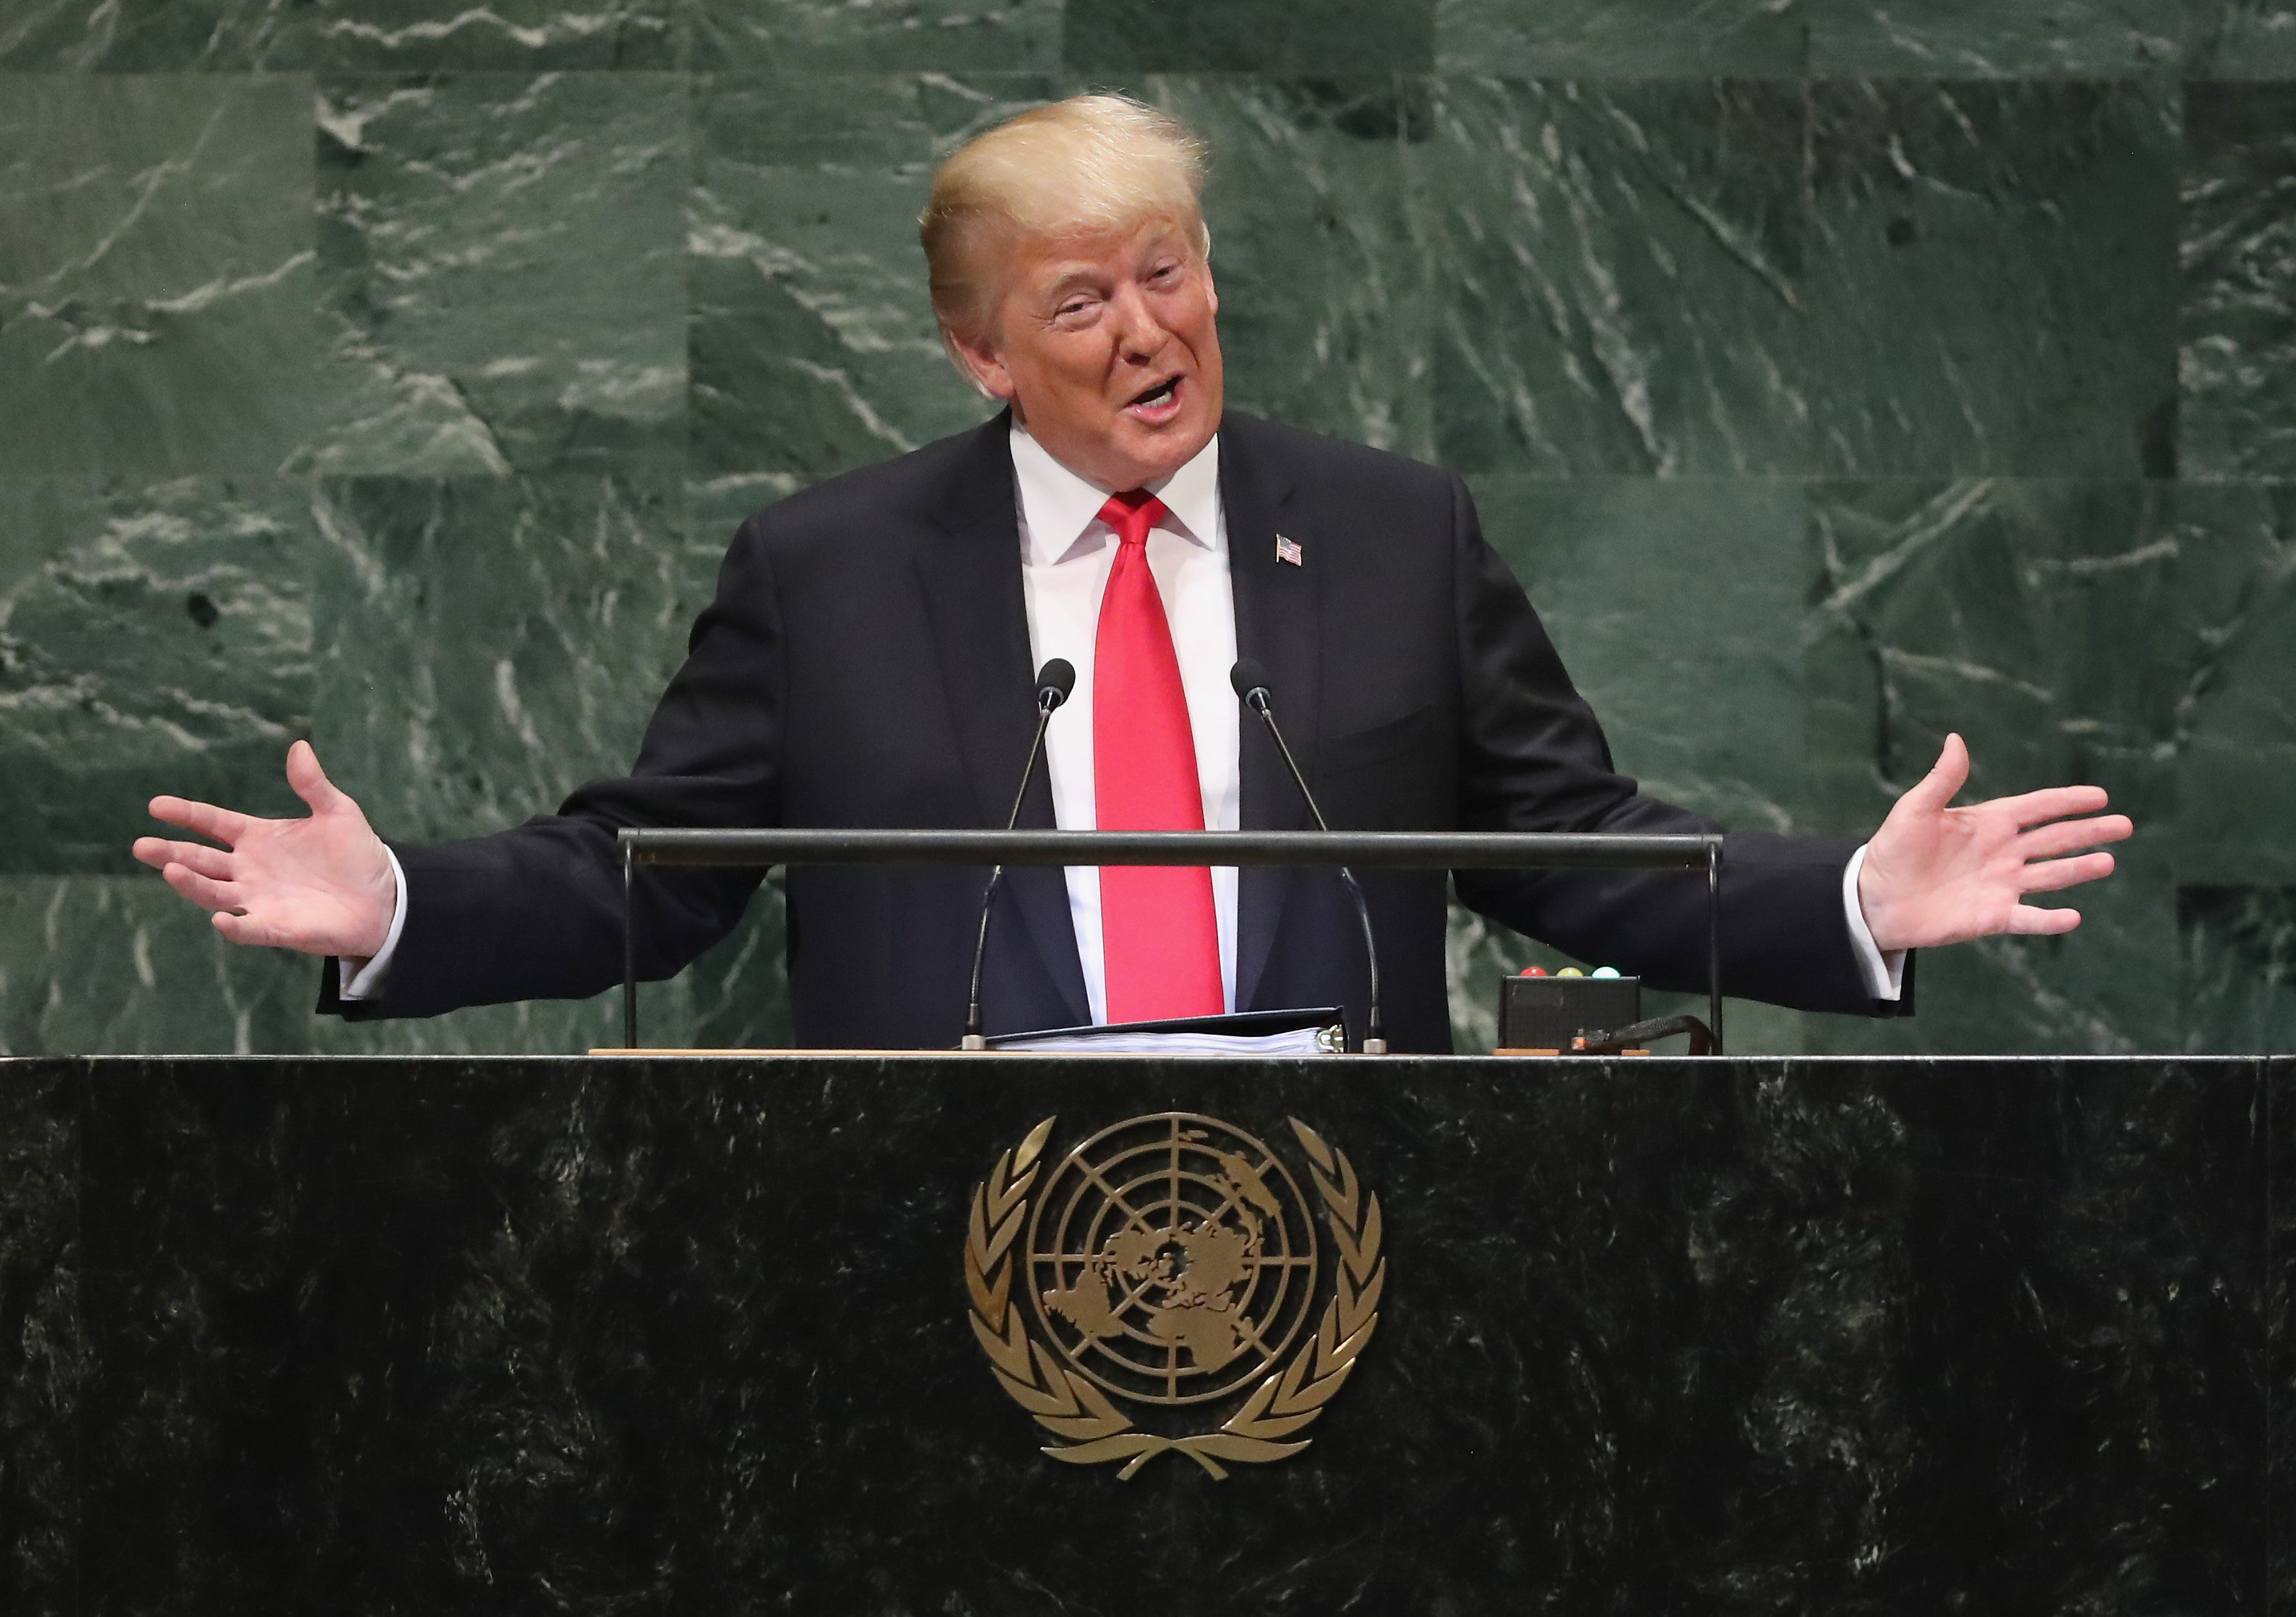 الدبلوماسية الأمريكية: دونالد ترامب في الأمم المتحدة